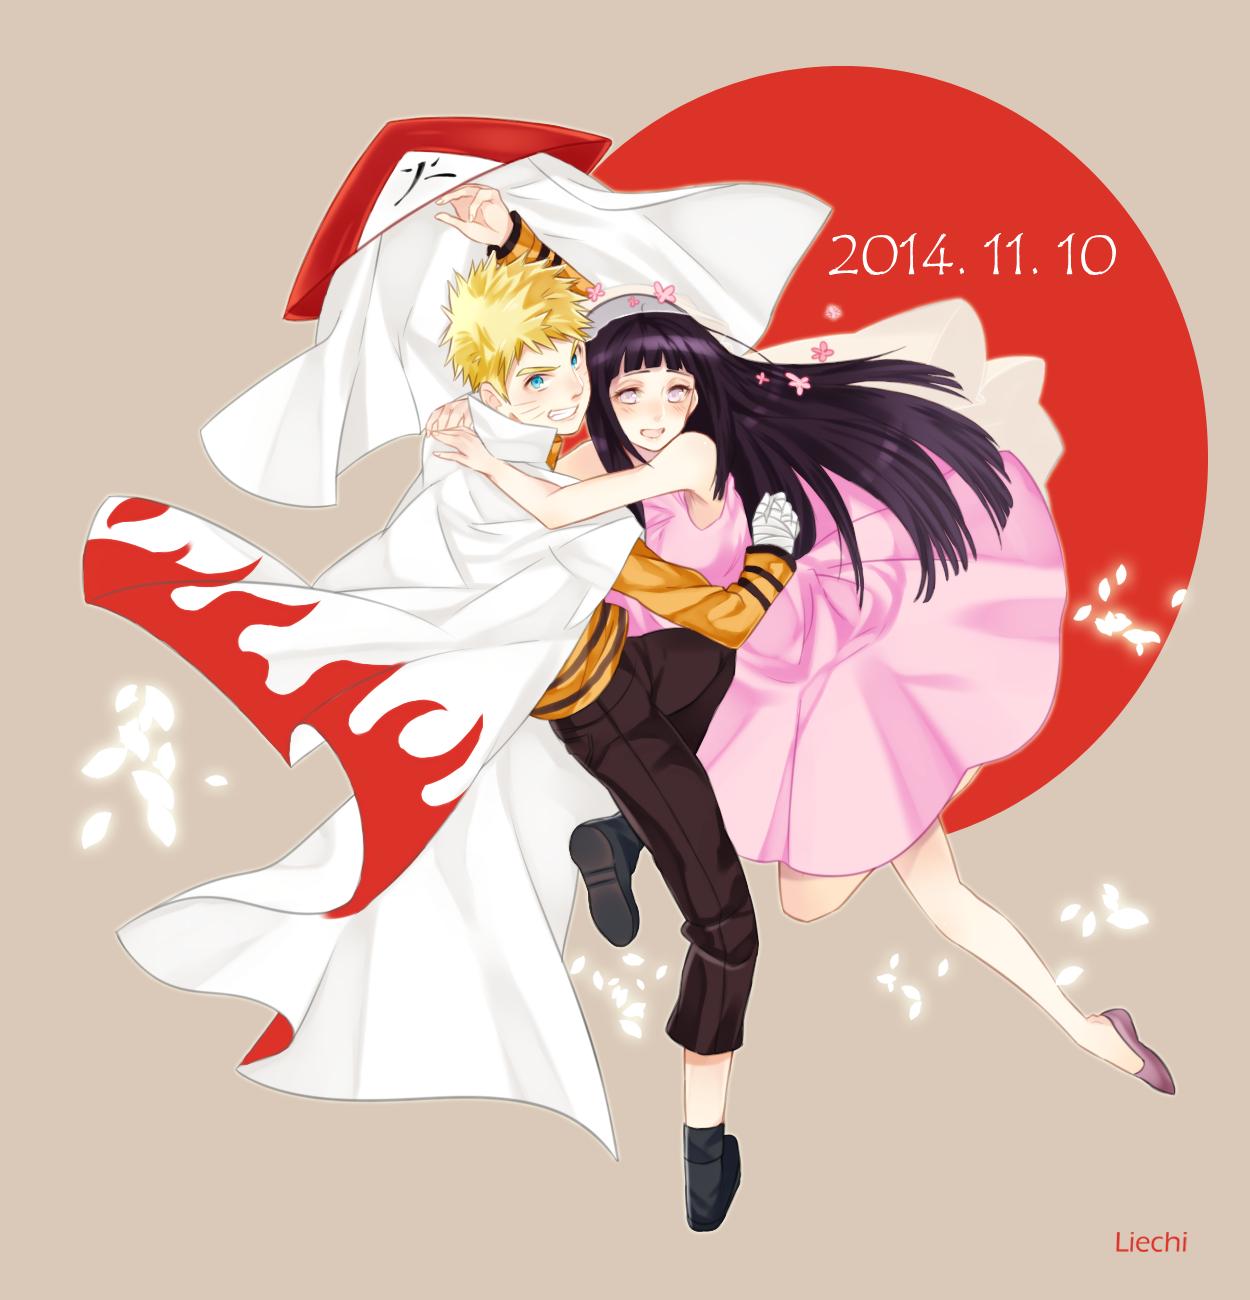 NARUTO Image #1798147 - Zerochan Anime Image Board